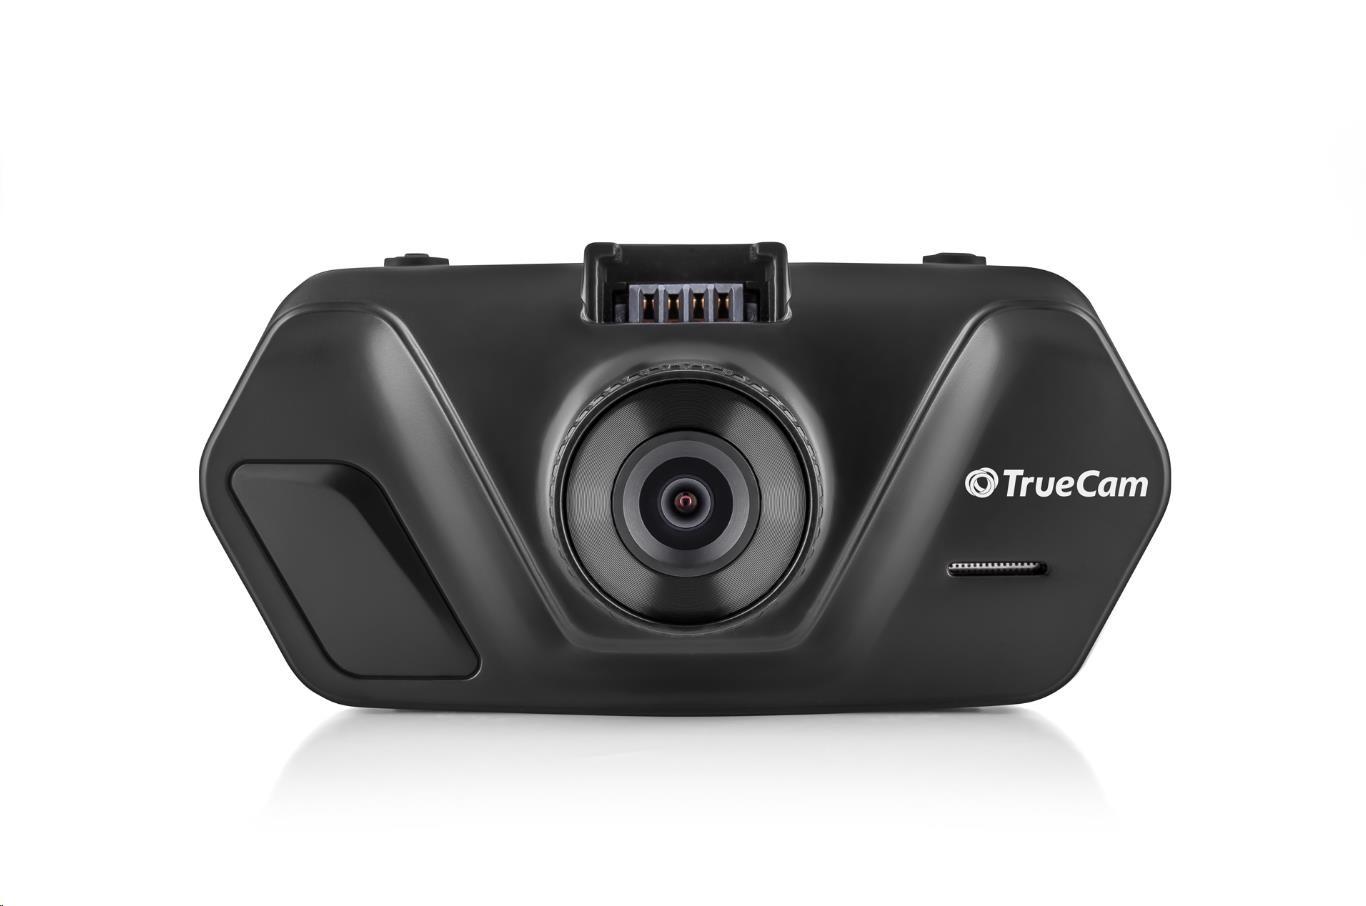 TrueCam A4